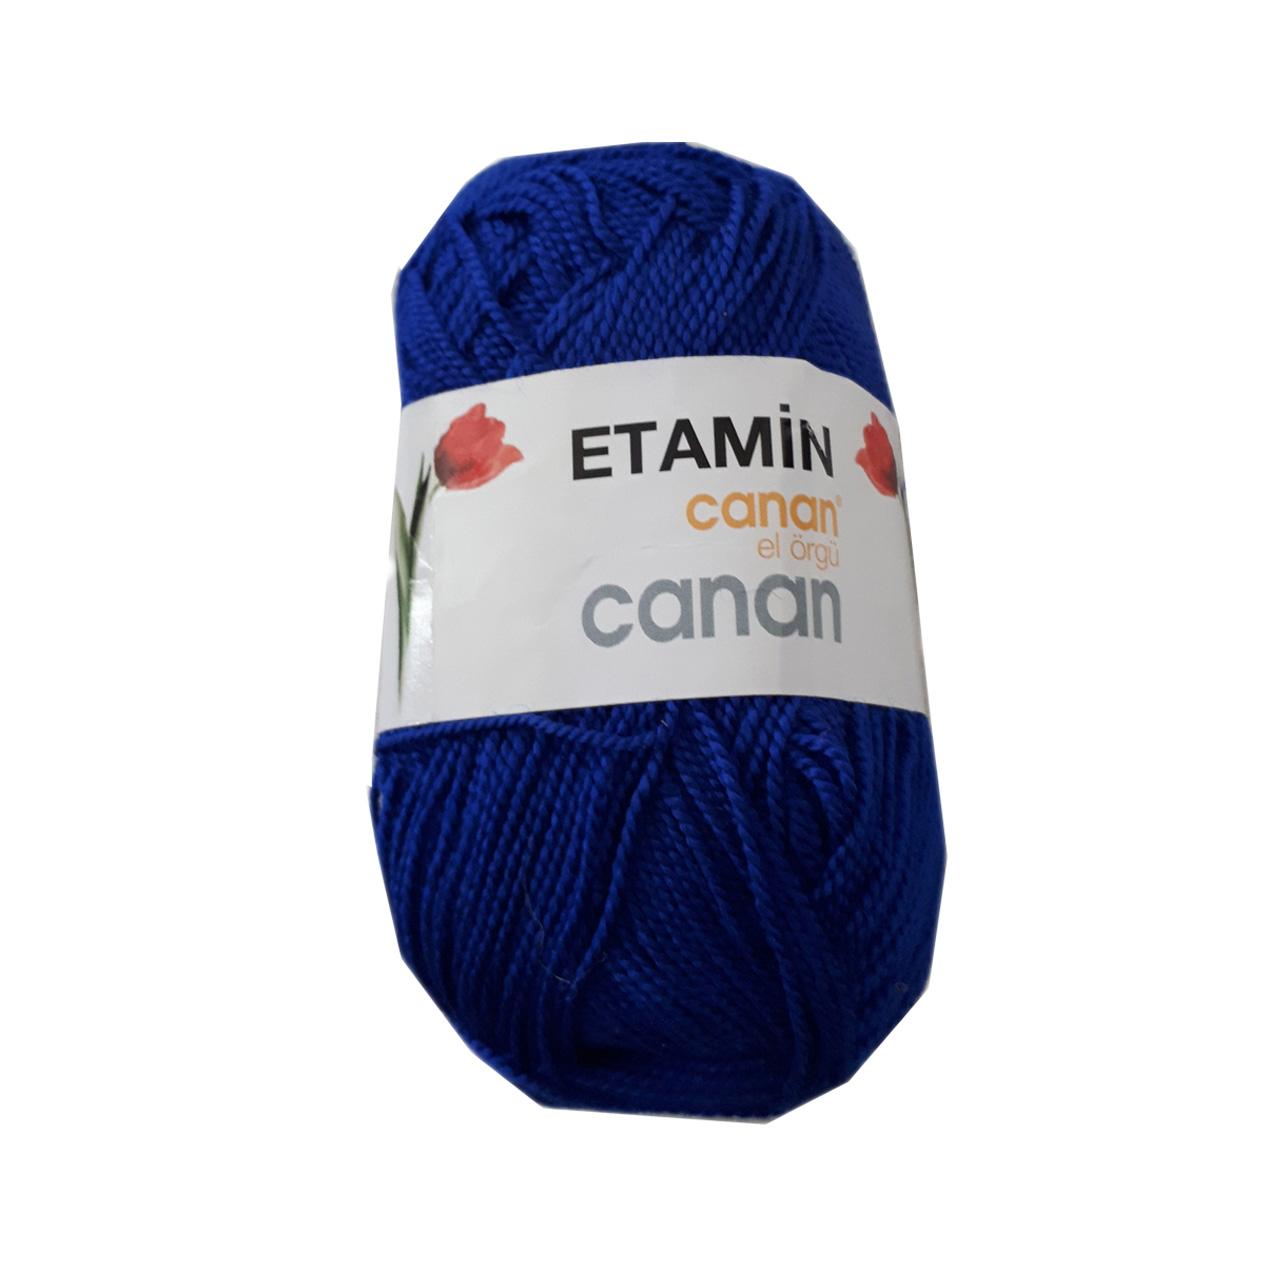 کاموا کنان مدل اتامین کد 04 بسته 6 عددی